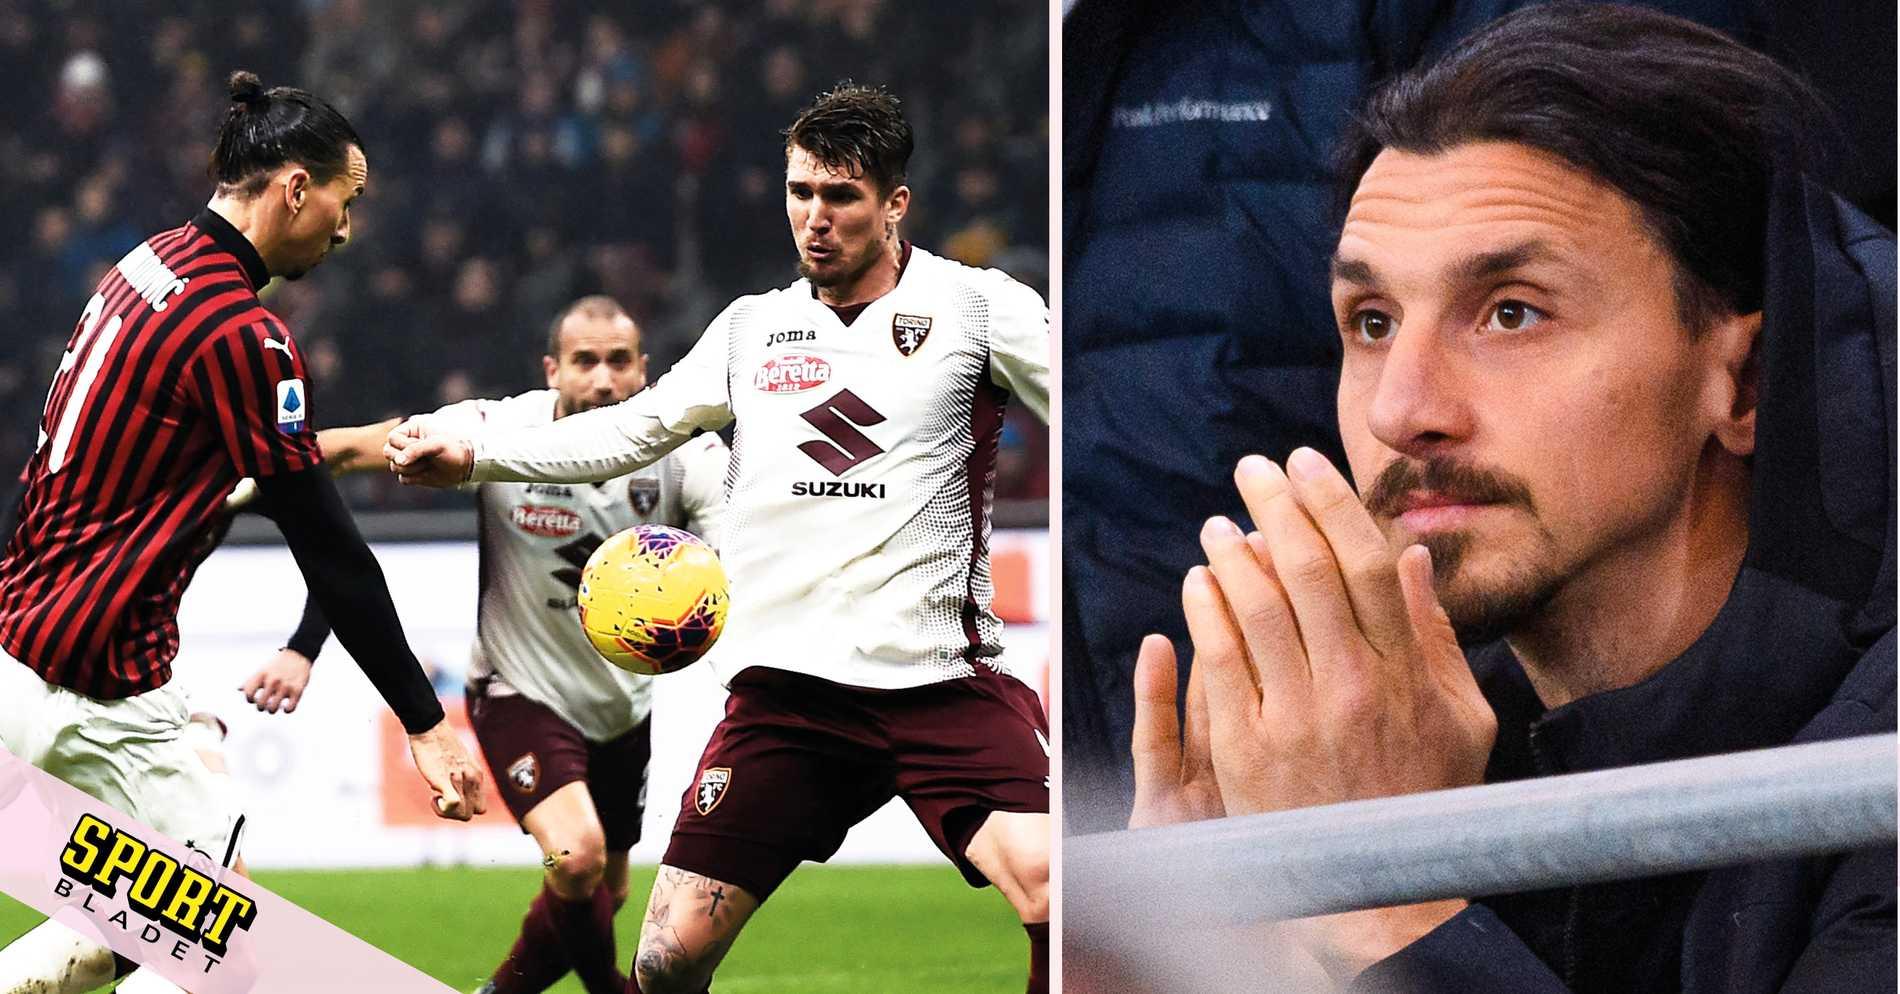 Zlatans uppmaning från karantänen